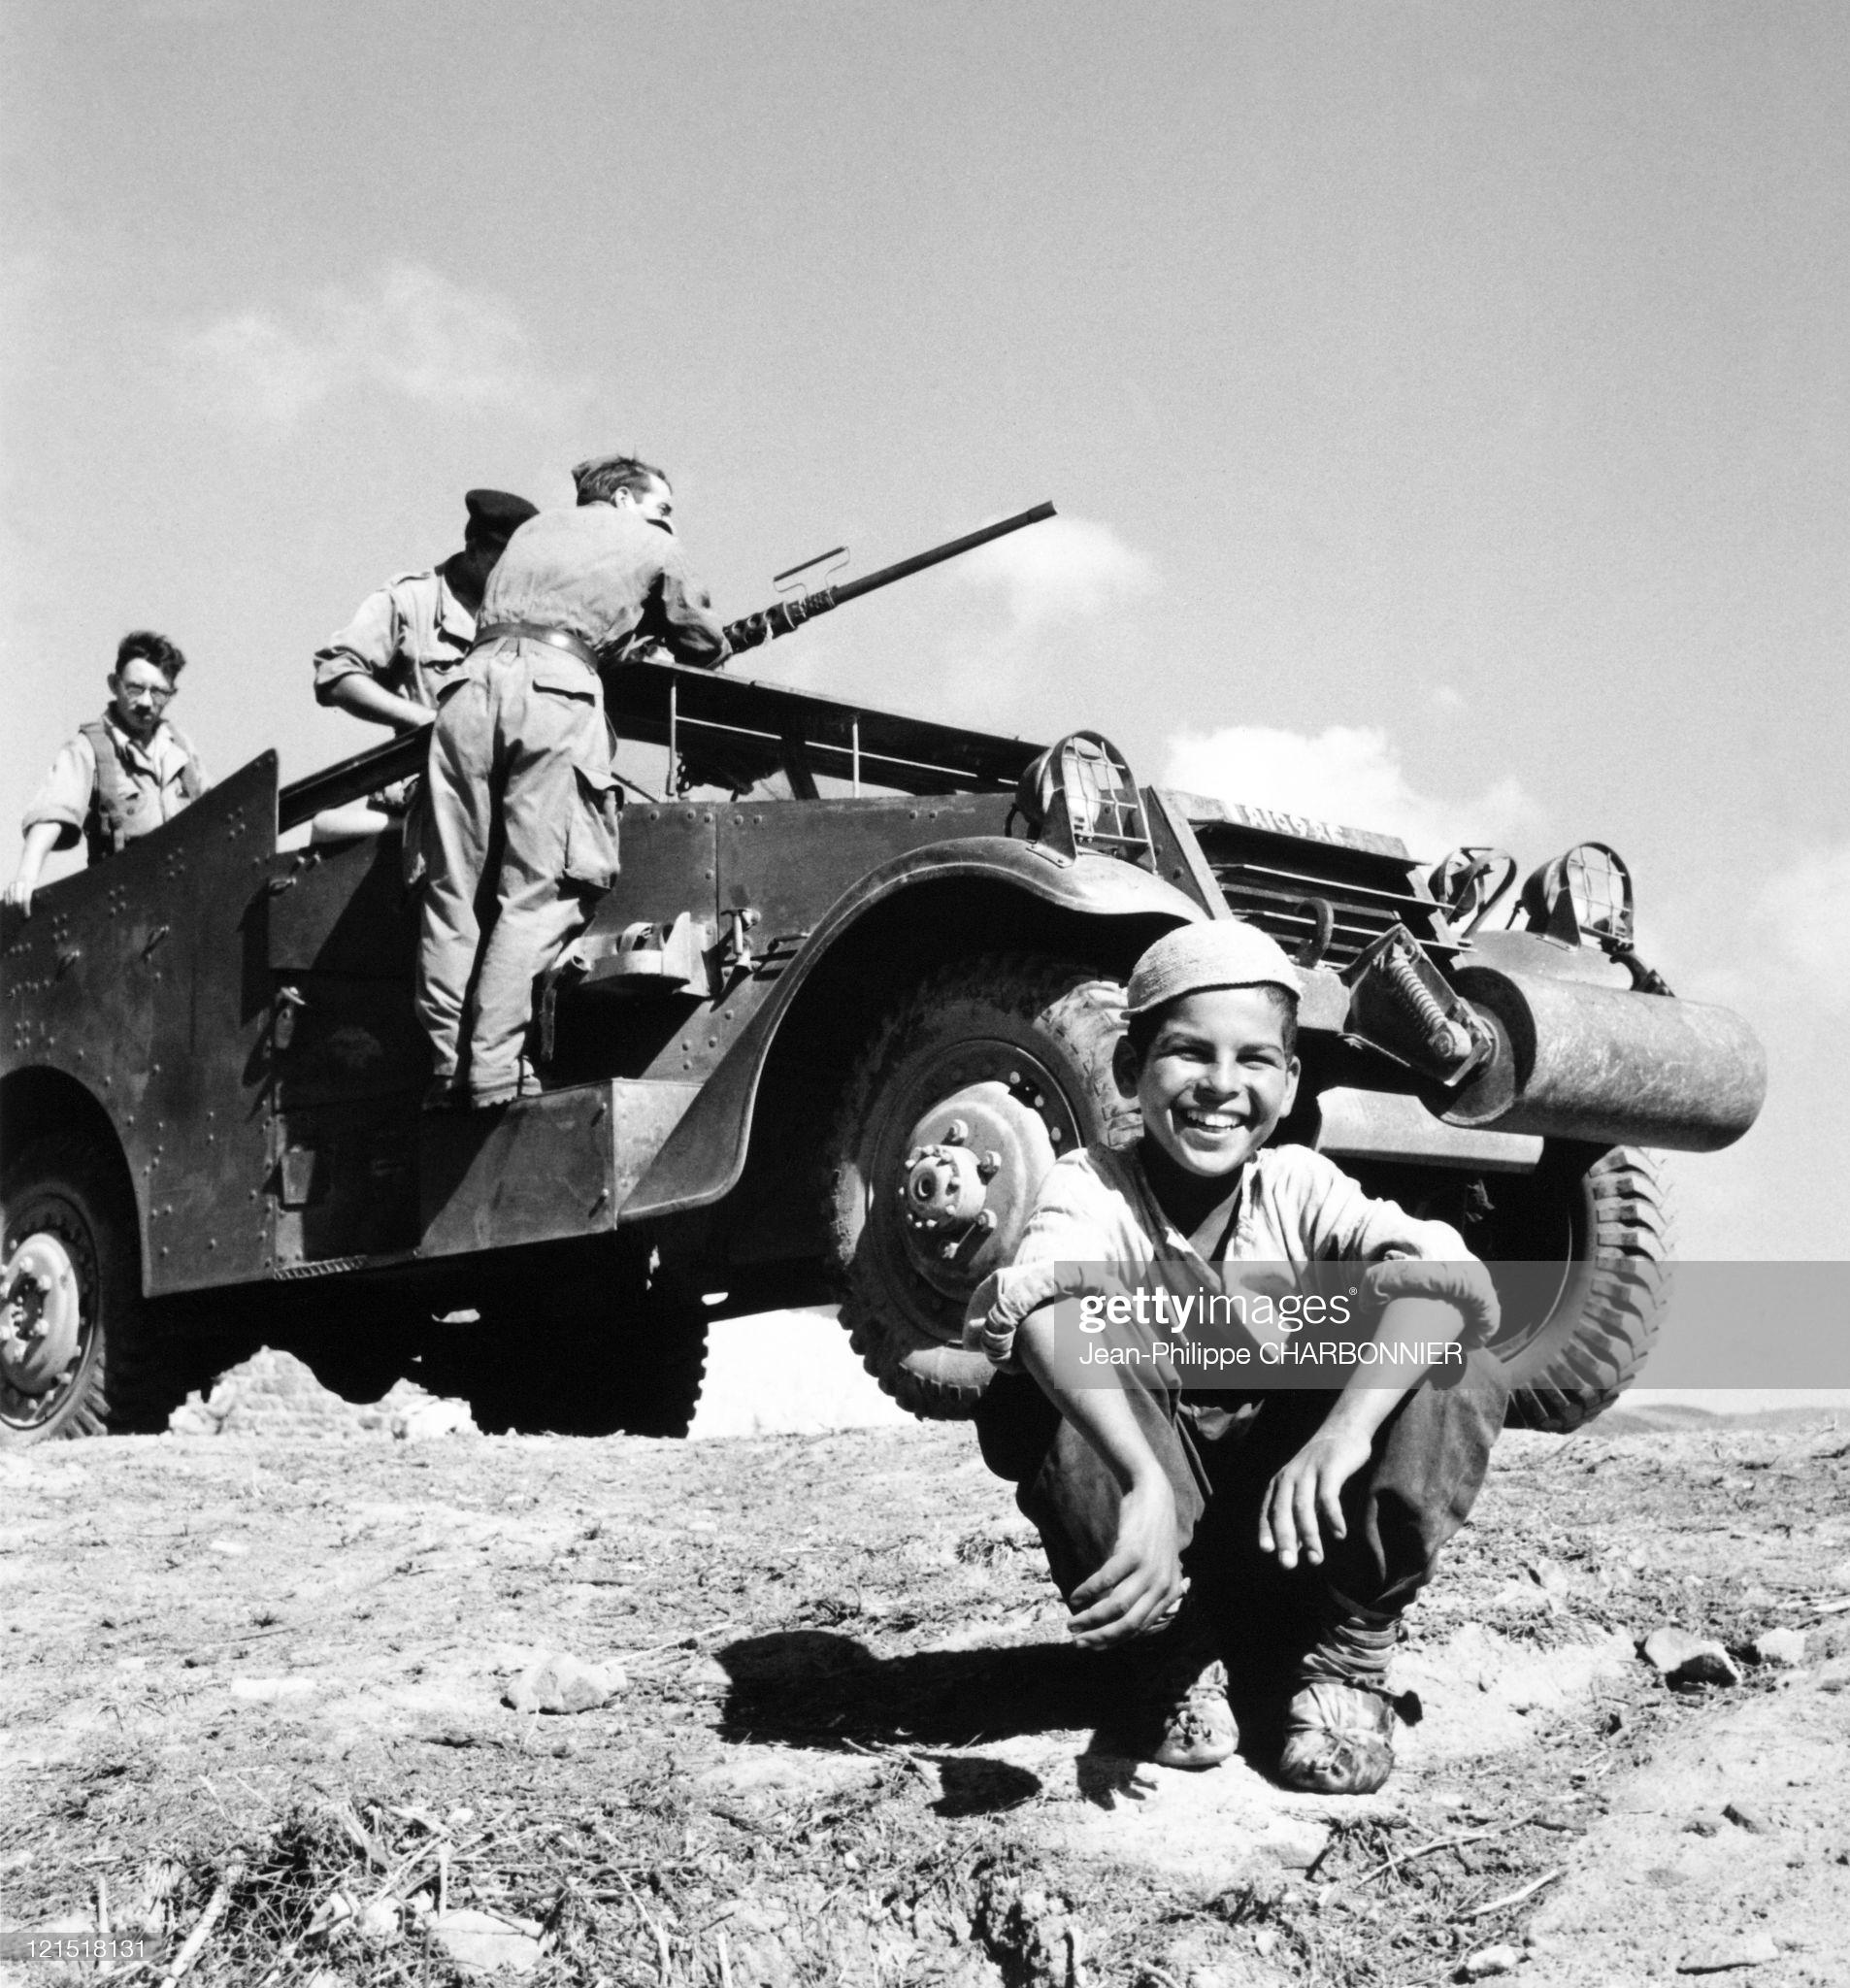 Кабилия ребенок и солдаты 1957 Шарбонье.jpg